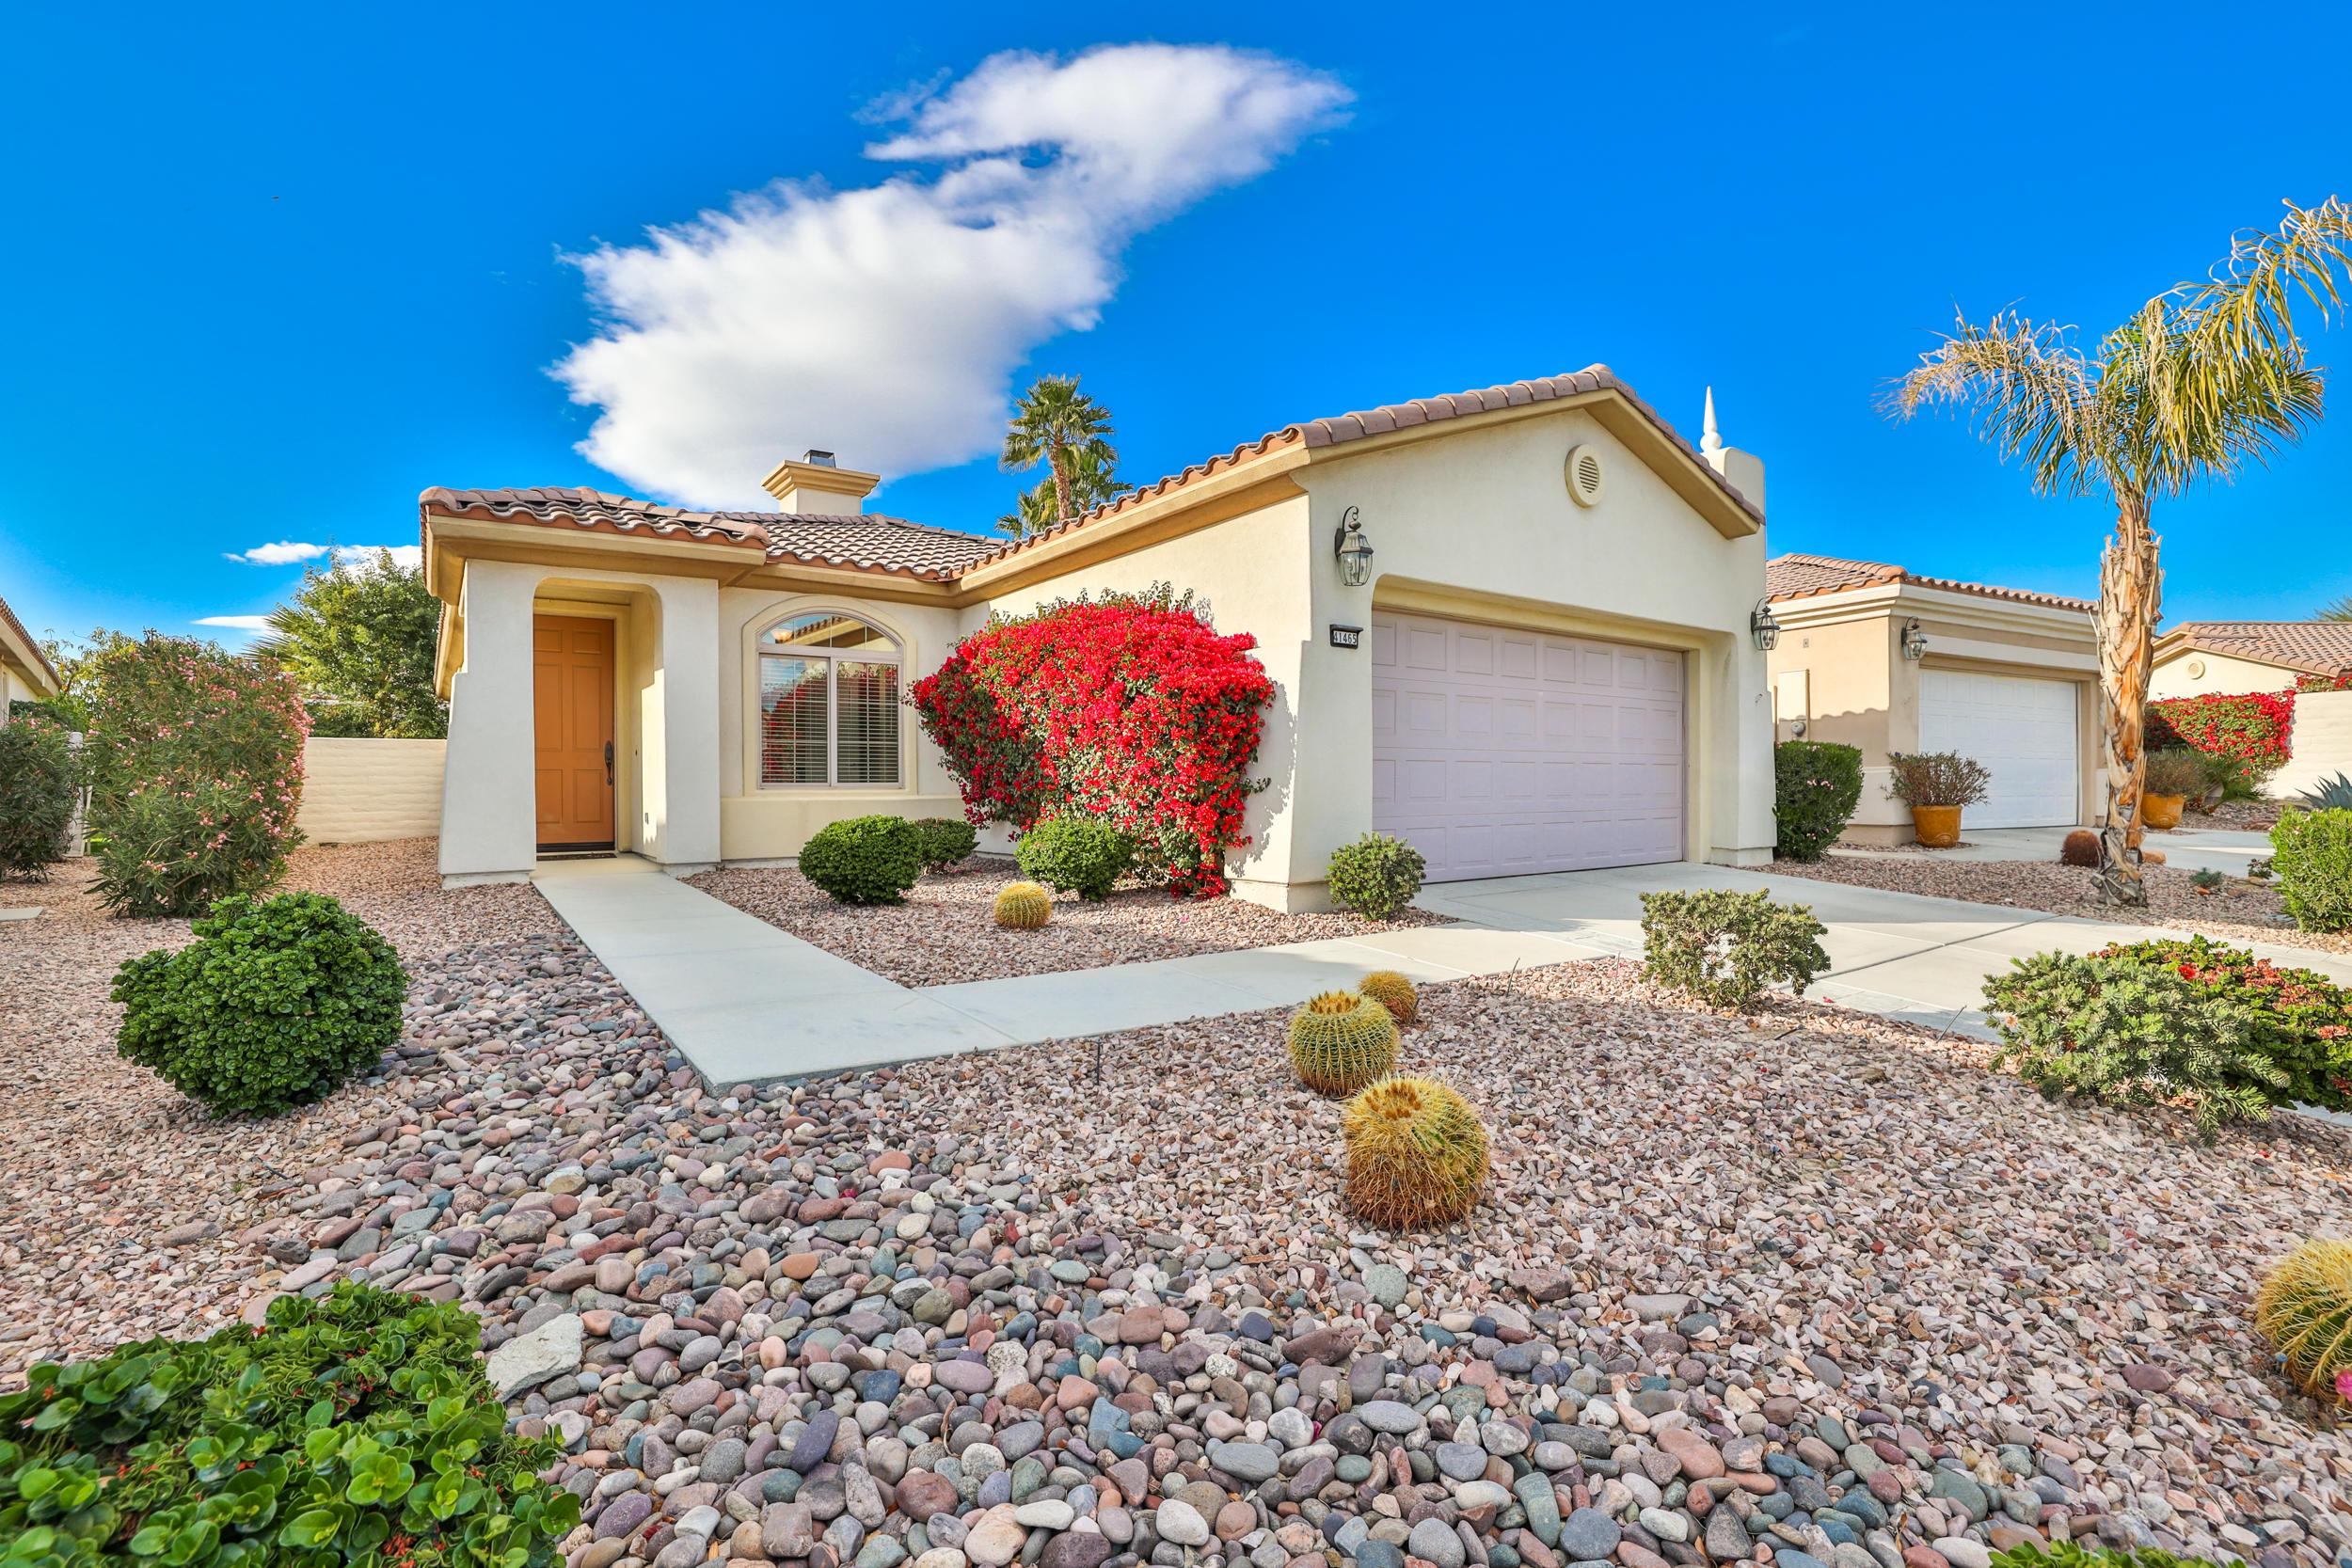 Photo of 41465 Via Arbolitos, Indio, CA 92203